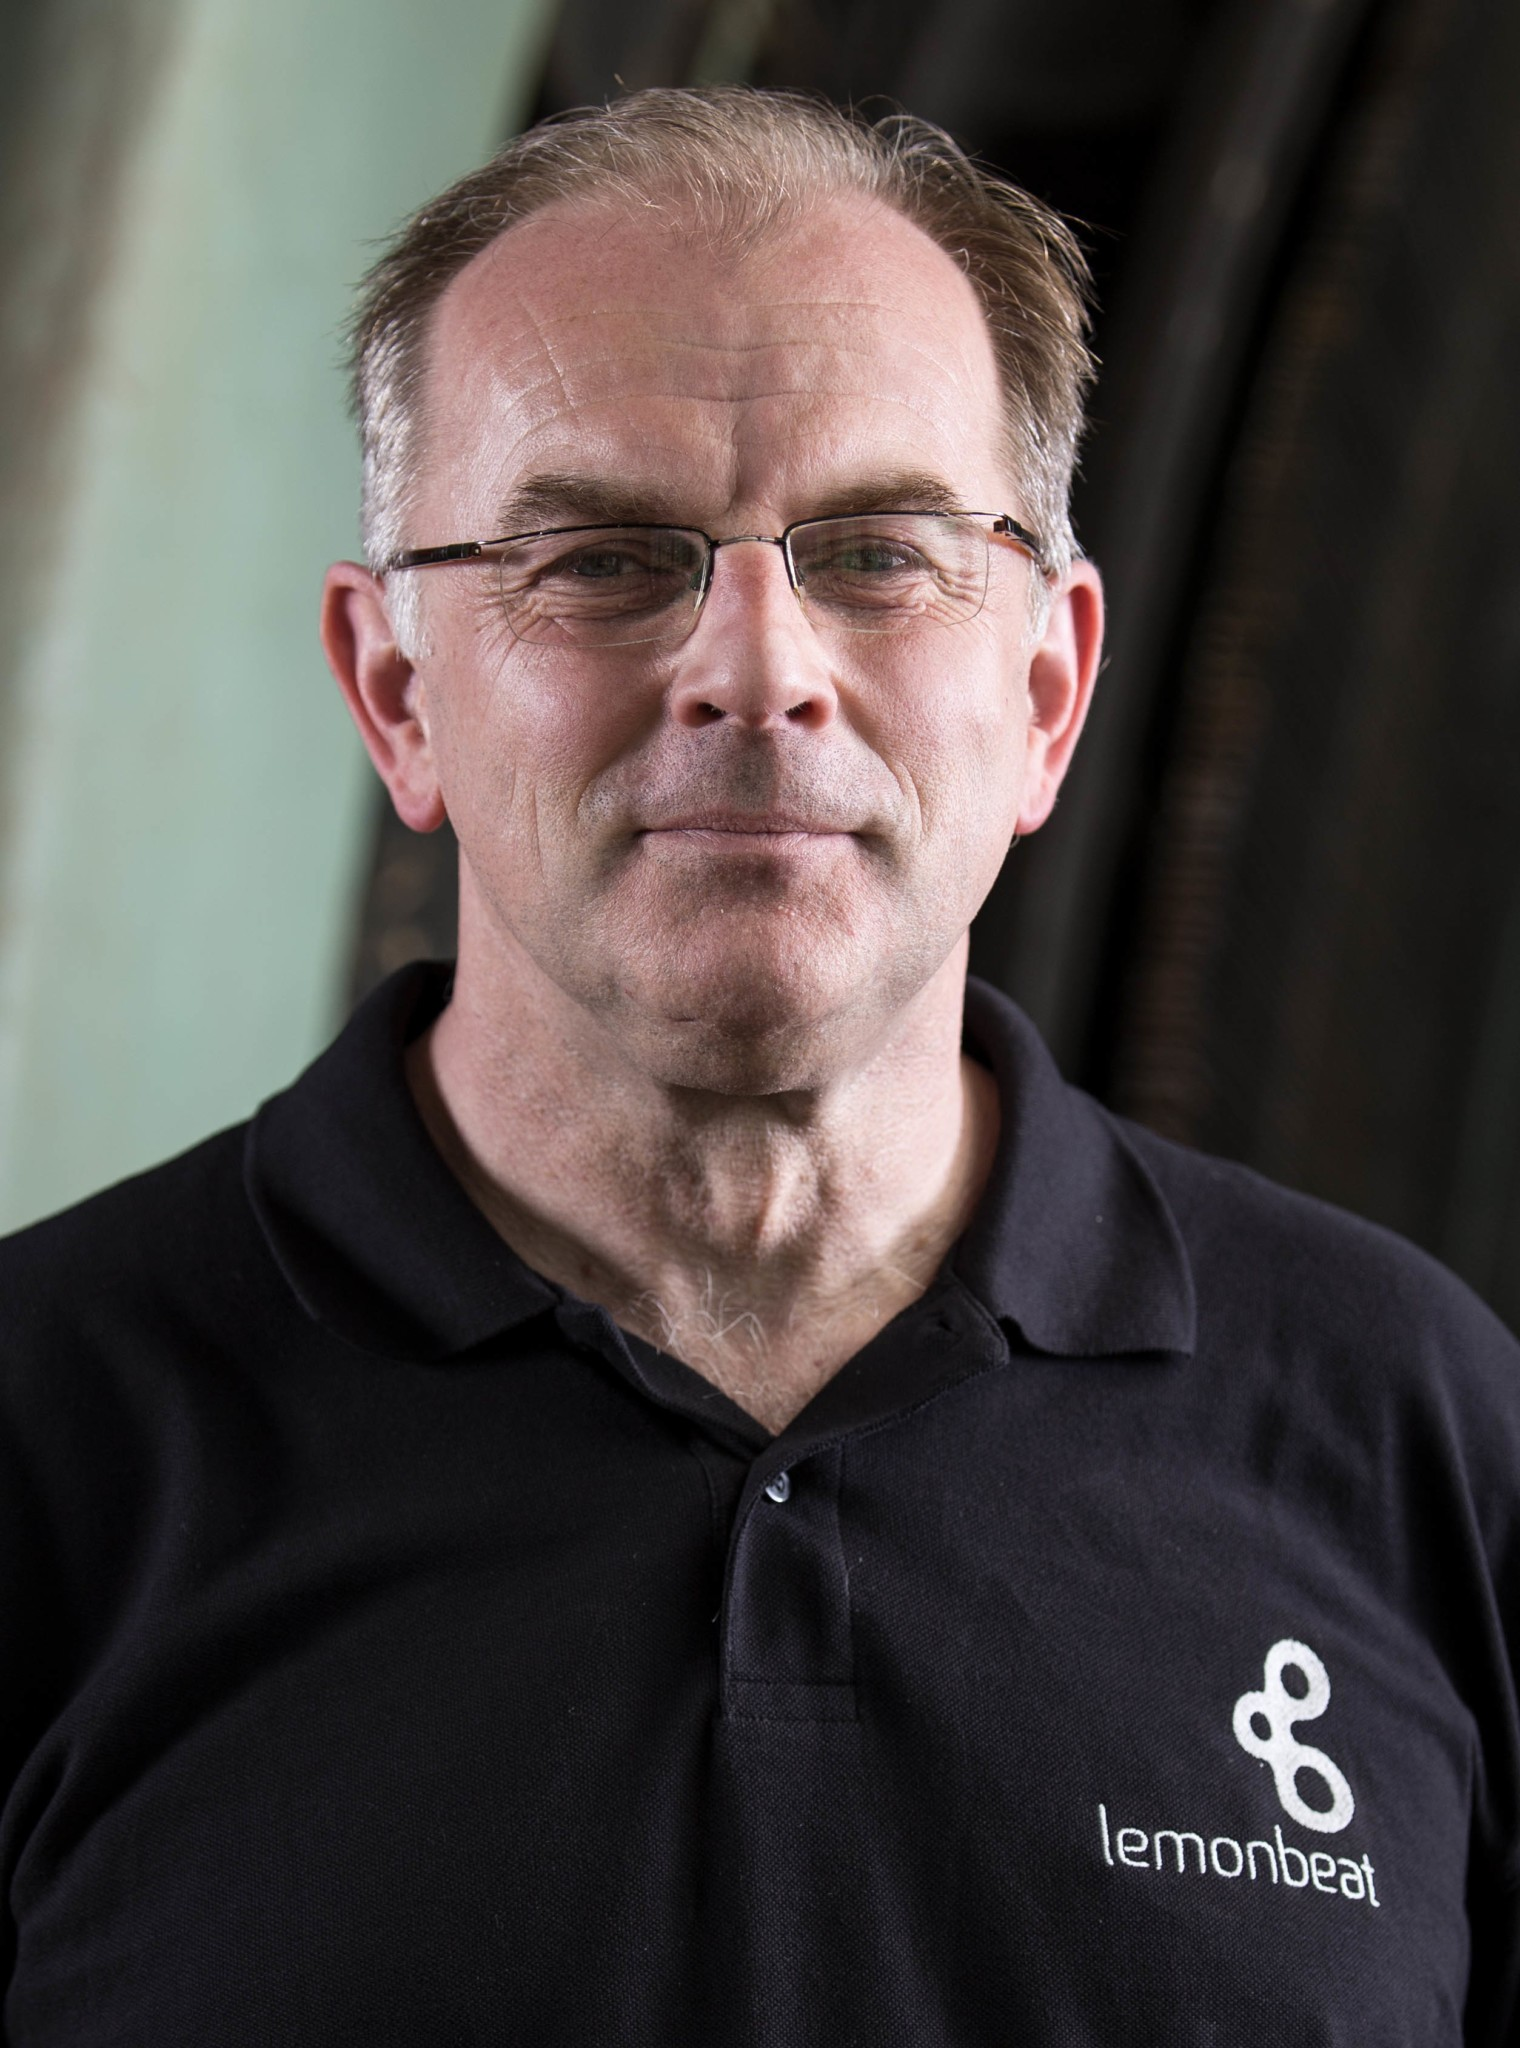 Frank Reusch